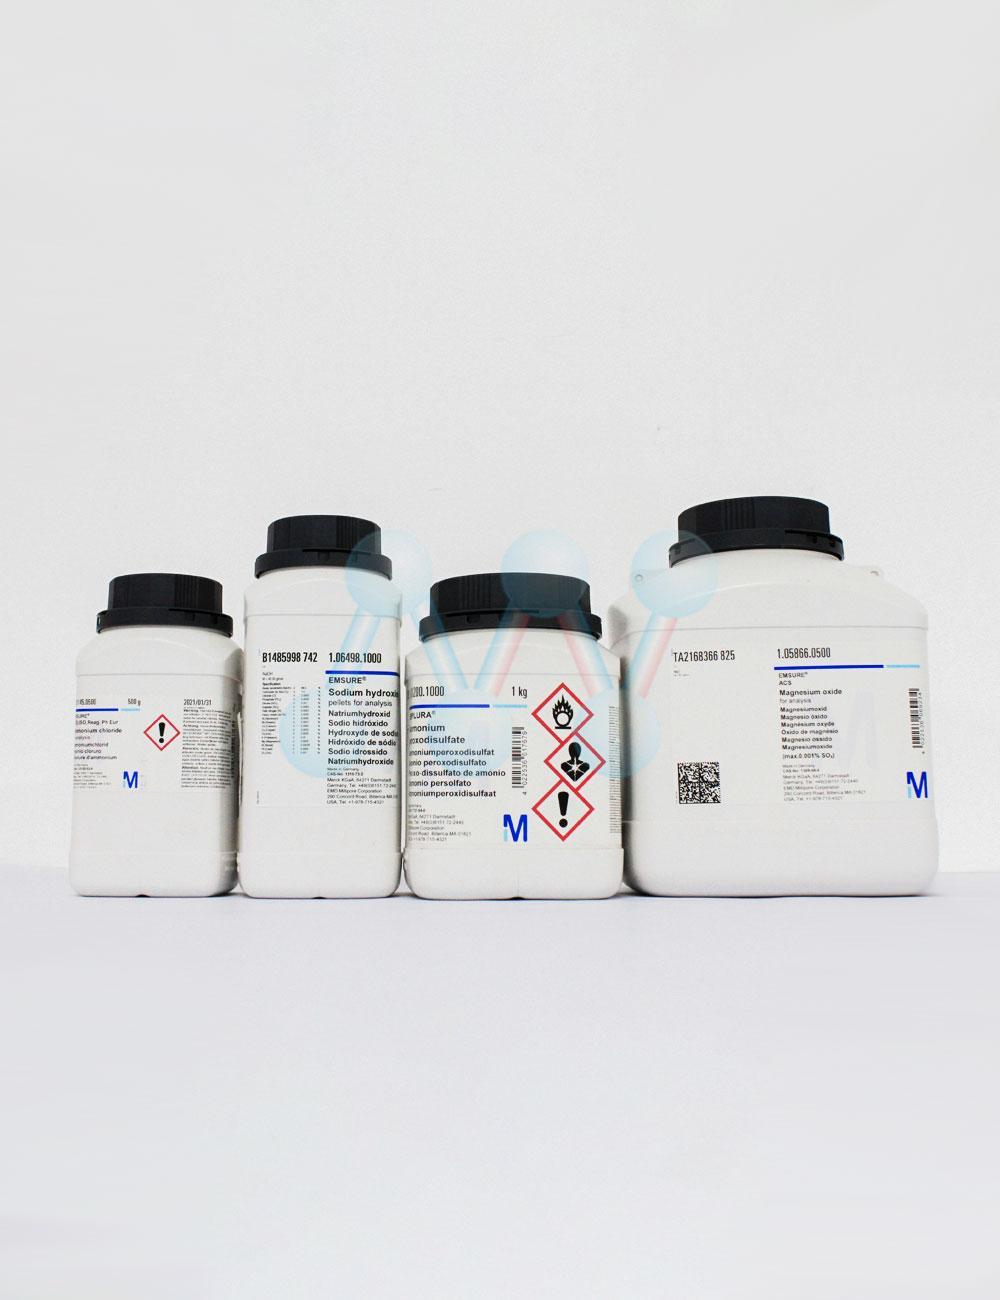 Zinc acetate dihydrate Zn(CH3COO)2.2H2O